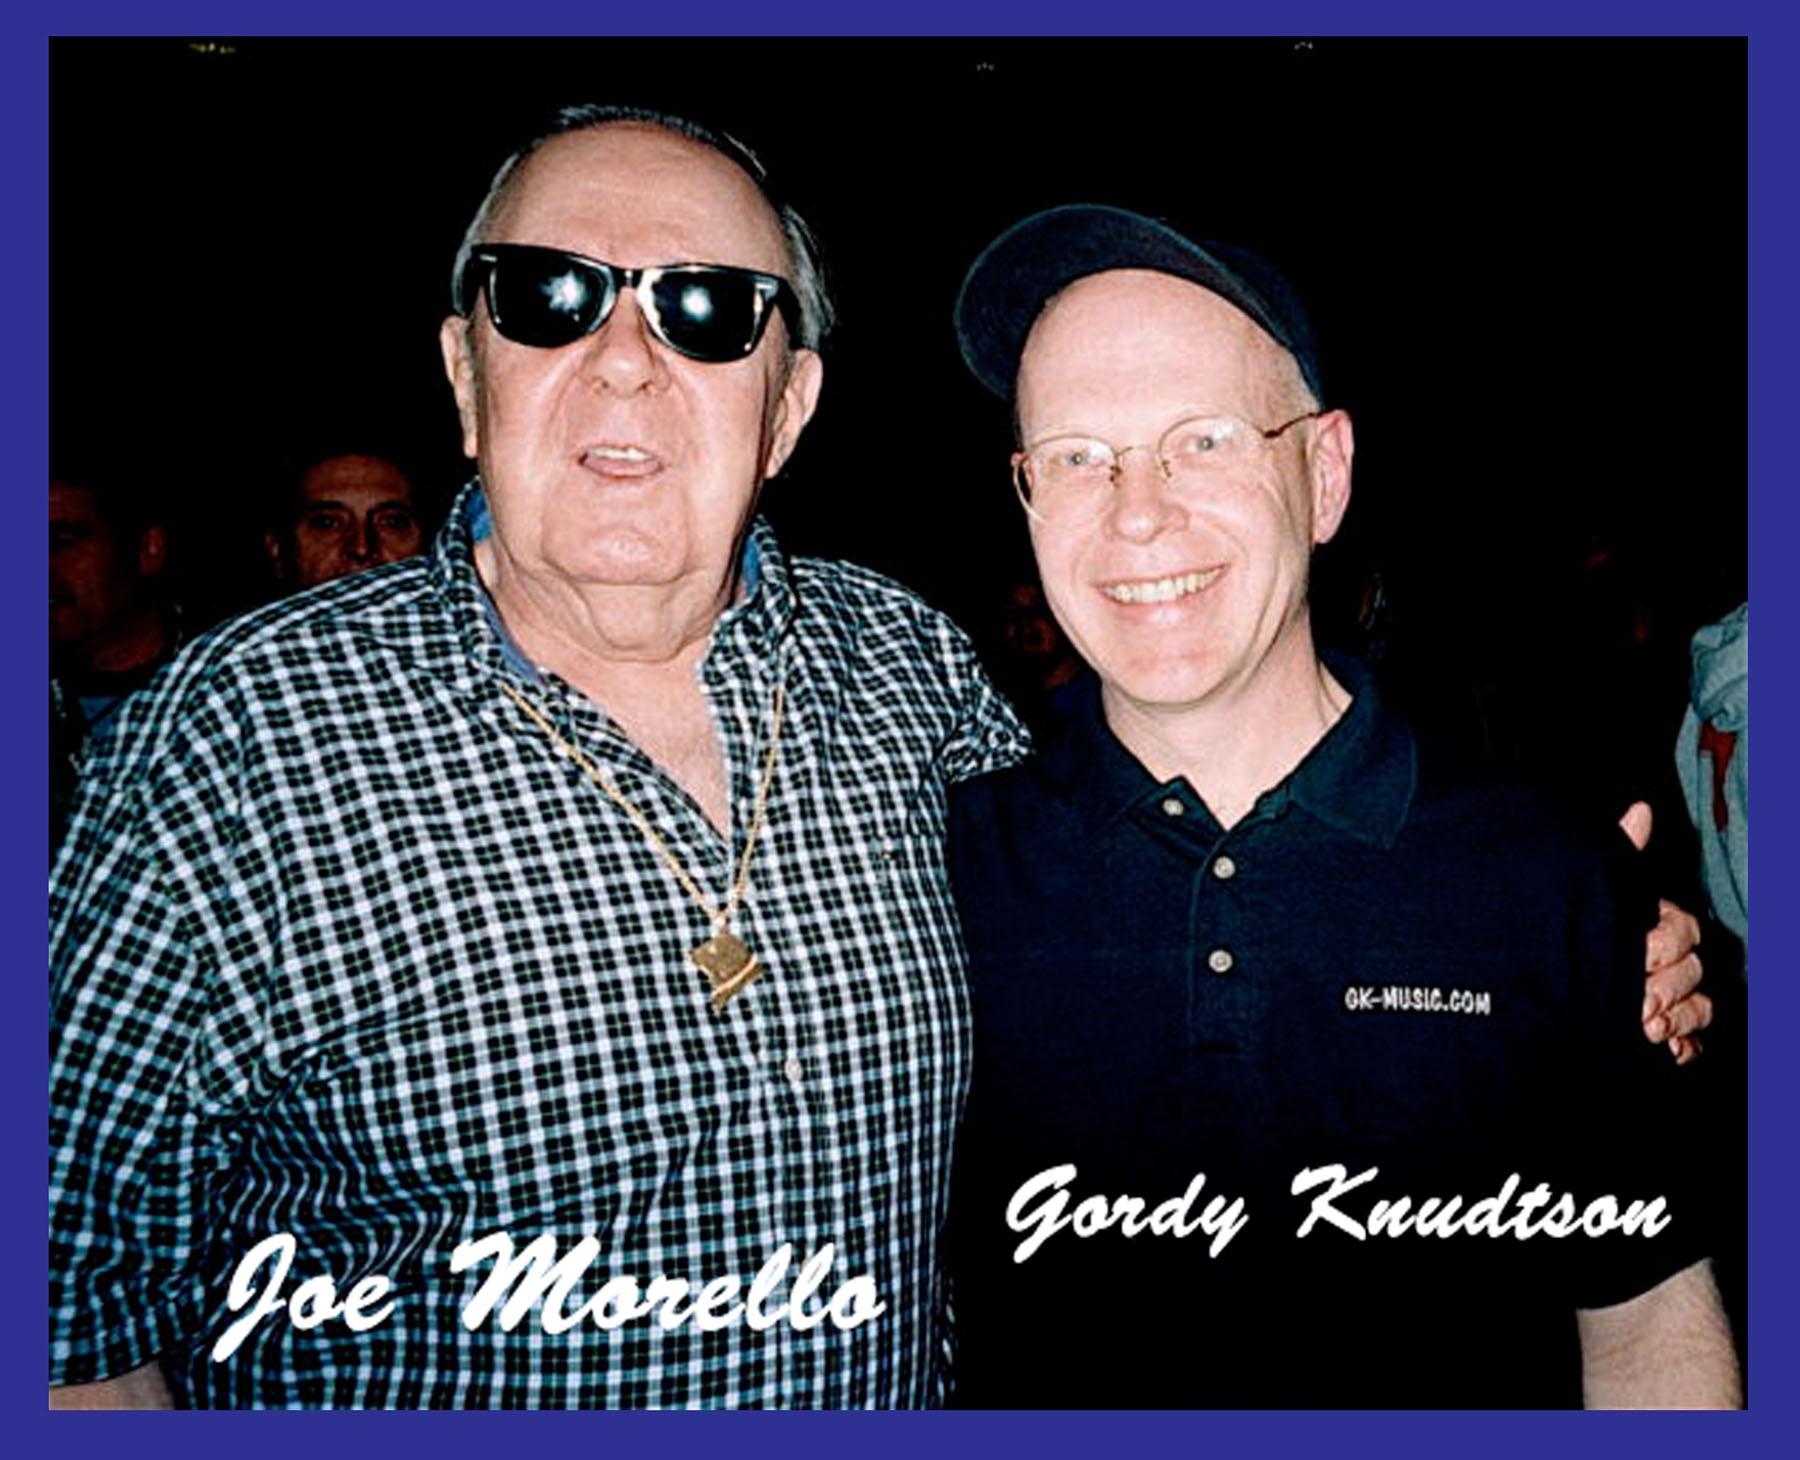 Morello+Gordy.jpg